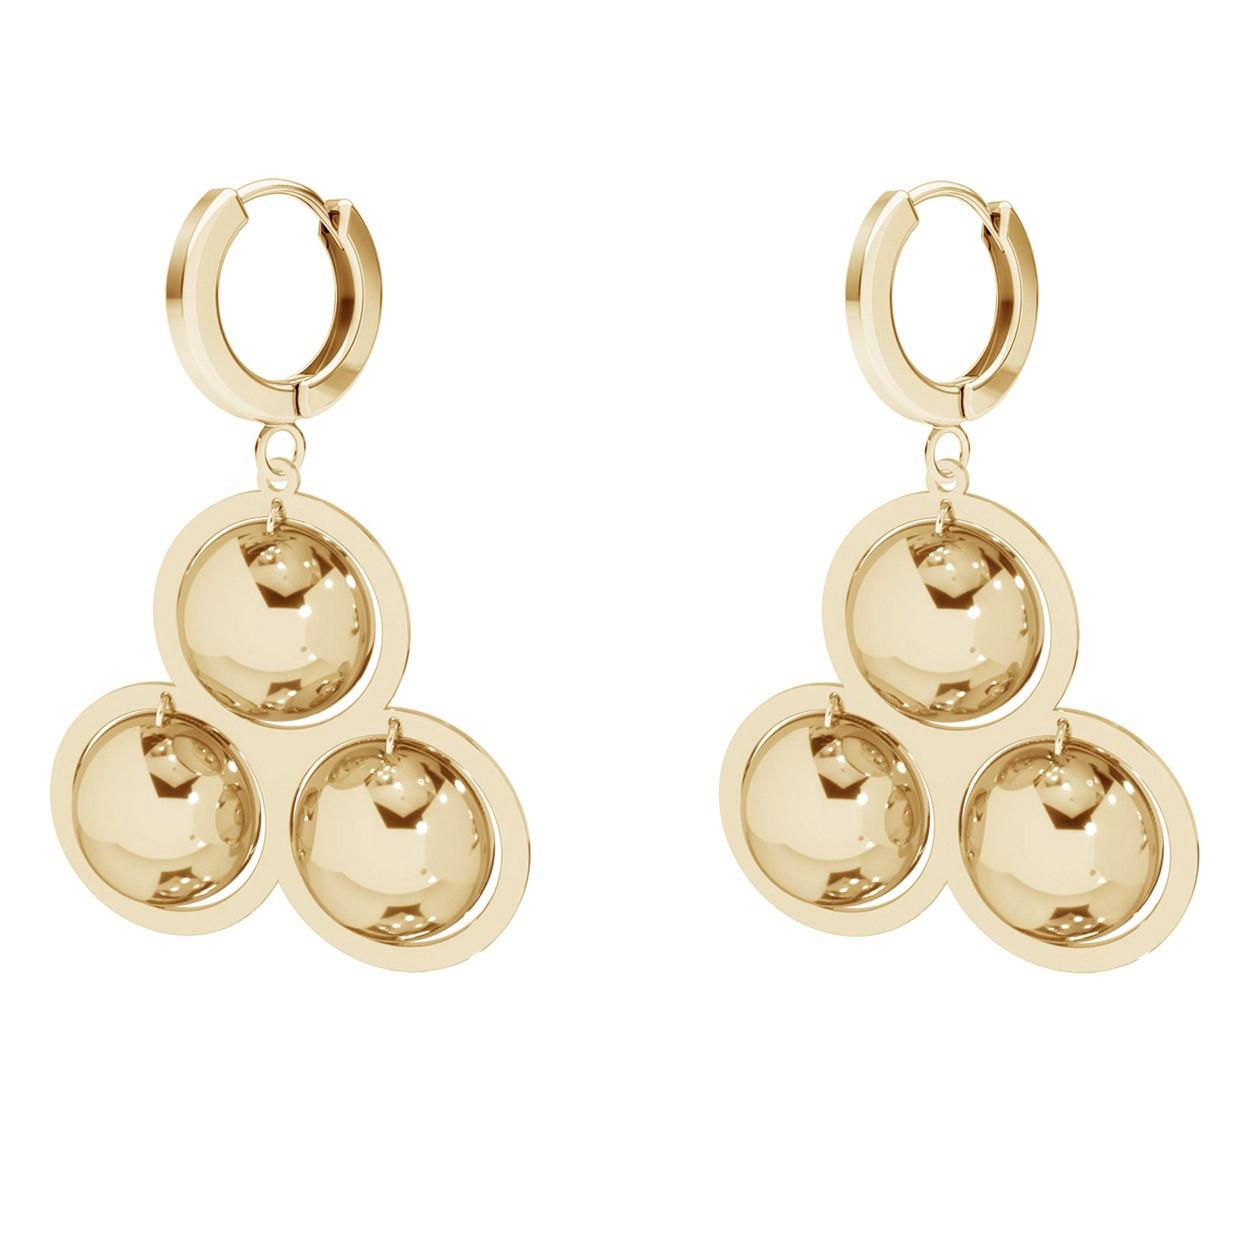 Romb earrings sterling silver 925